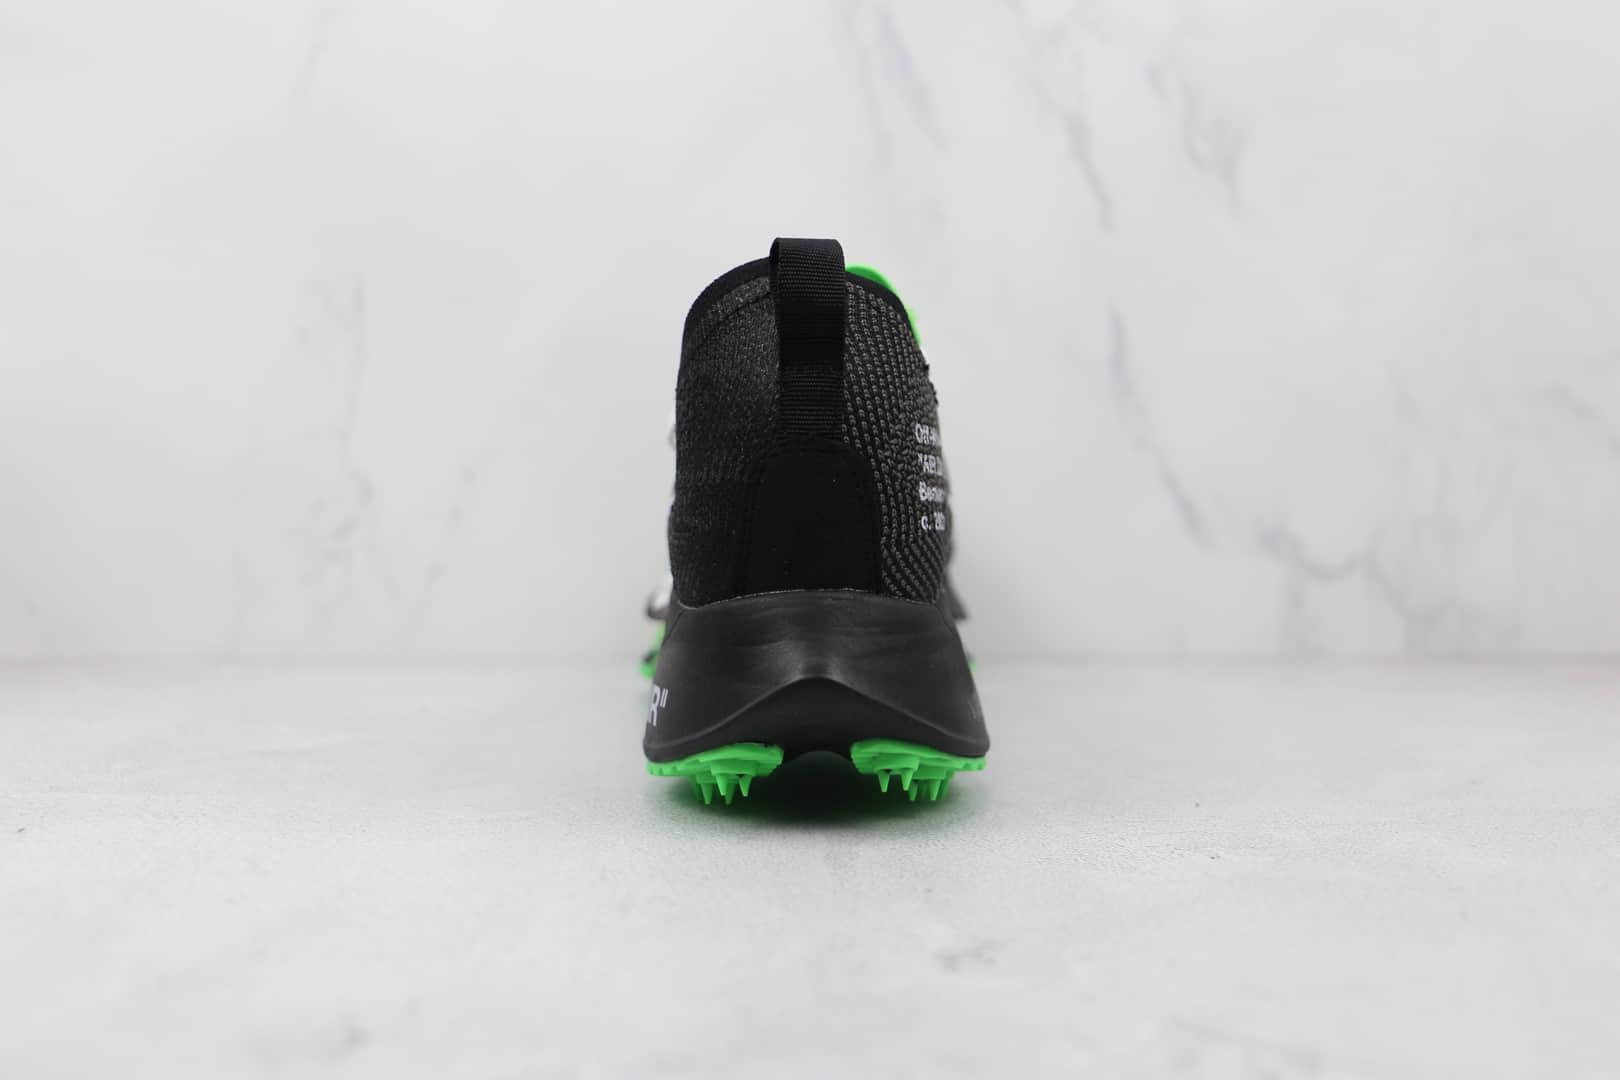 耐克Nike Air Zoom Tempo NEXT% x Off White联名款纯原版本黑绿色钉钉鞋原档案数据开发 货号:CV0697-001